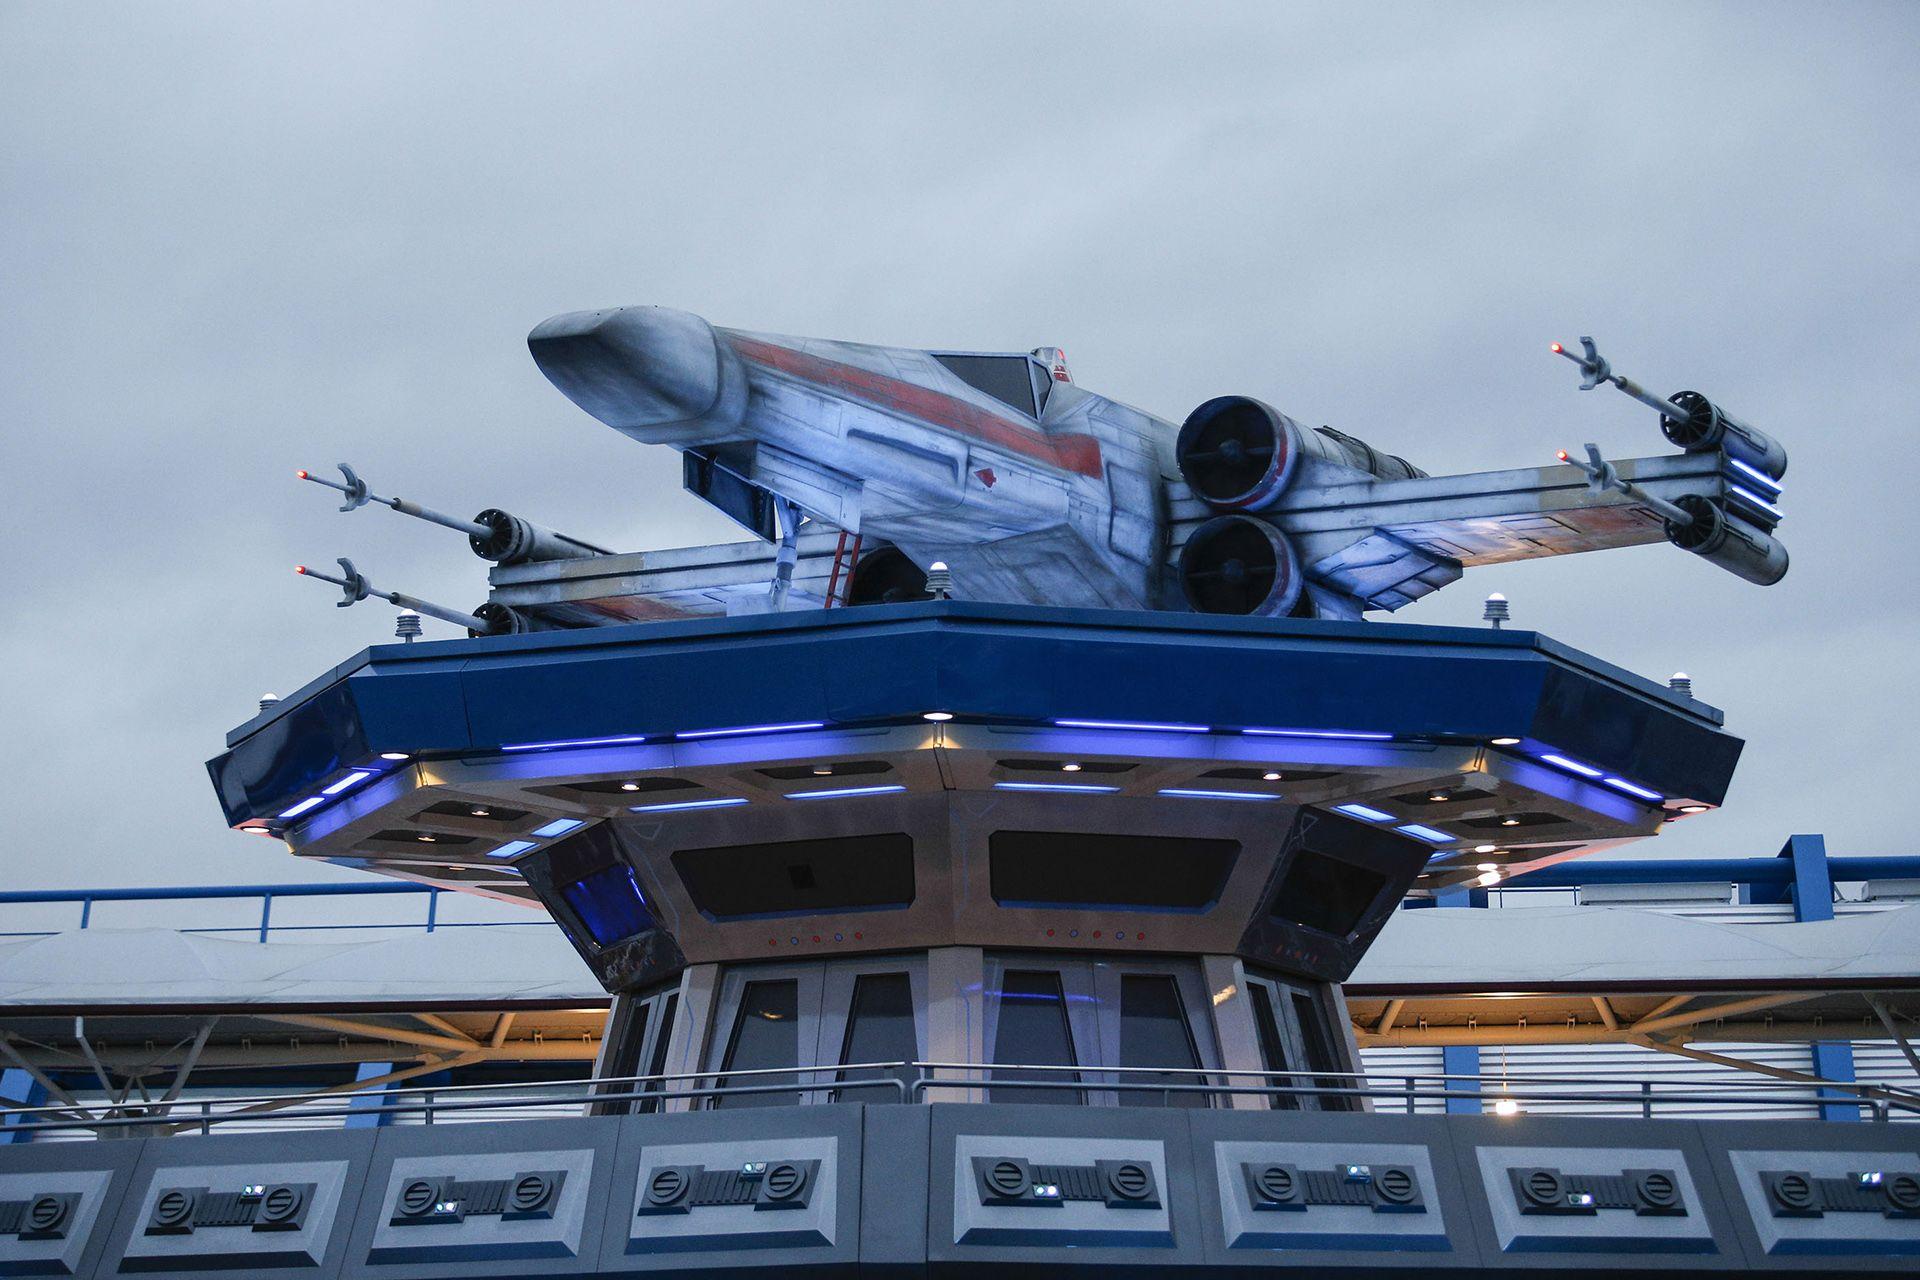 Disneyland Paris to add Star Wars zone in $2.5 bn upgrade